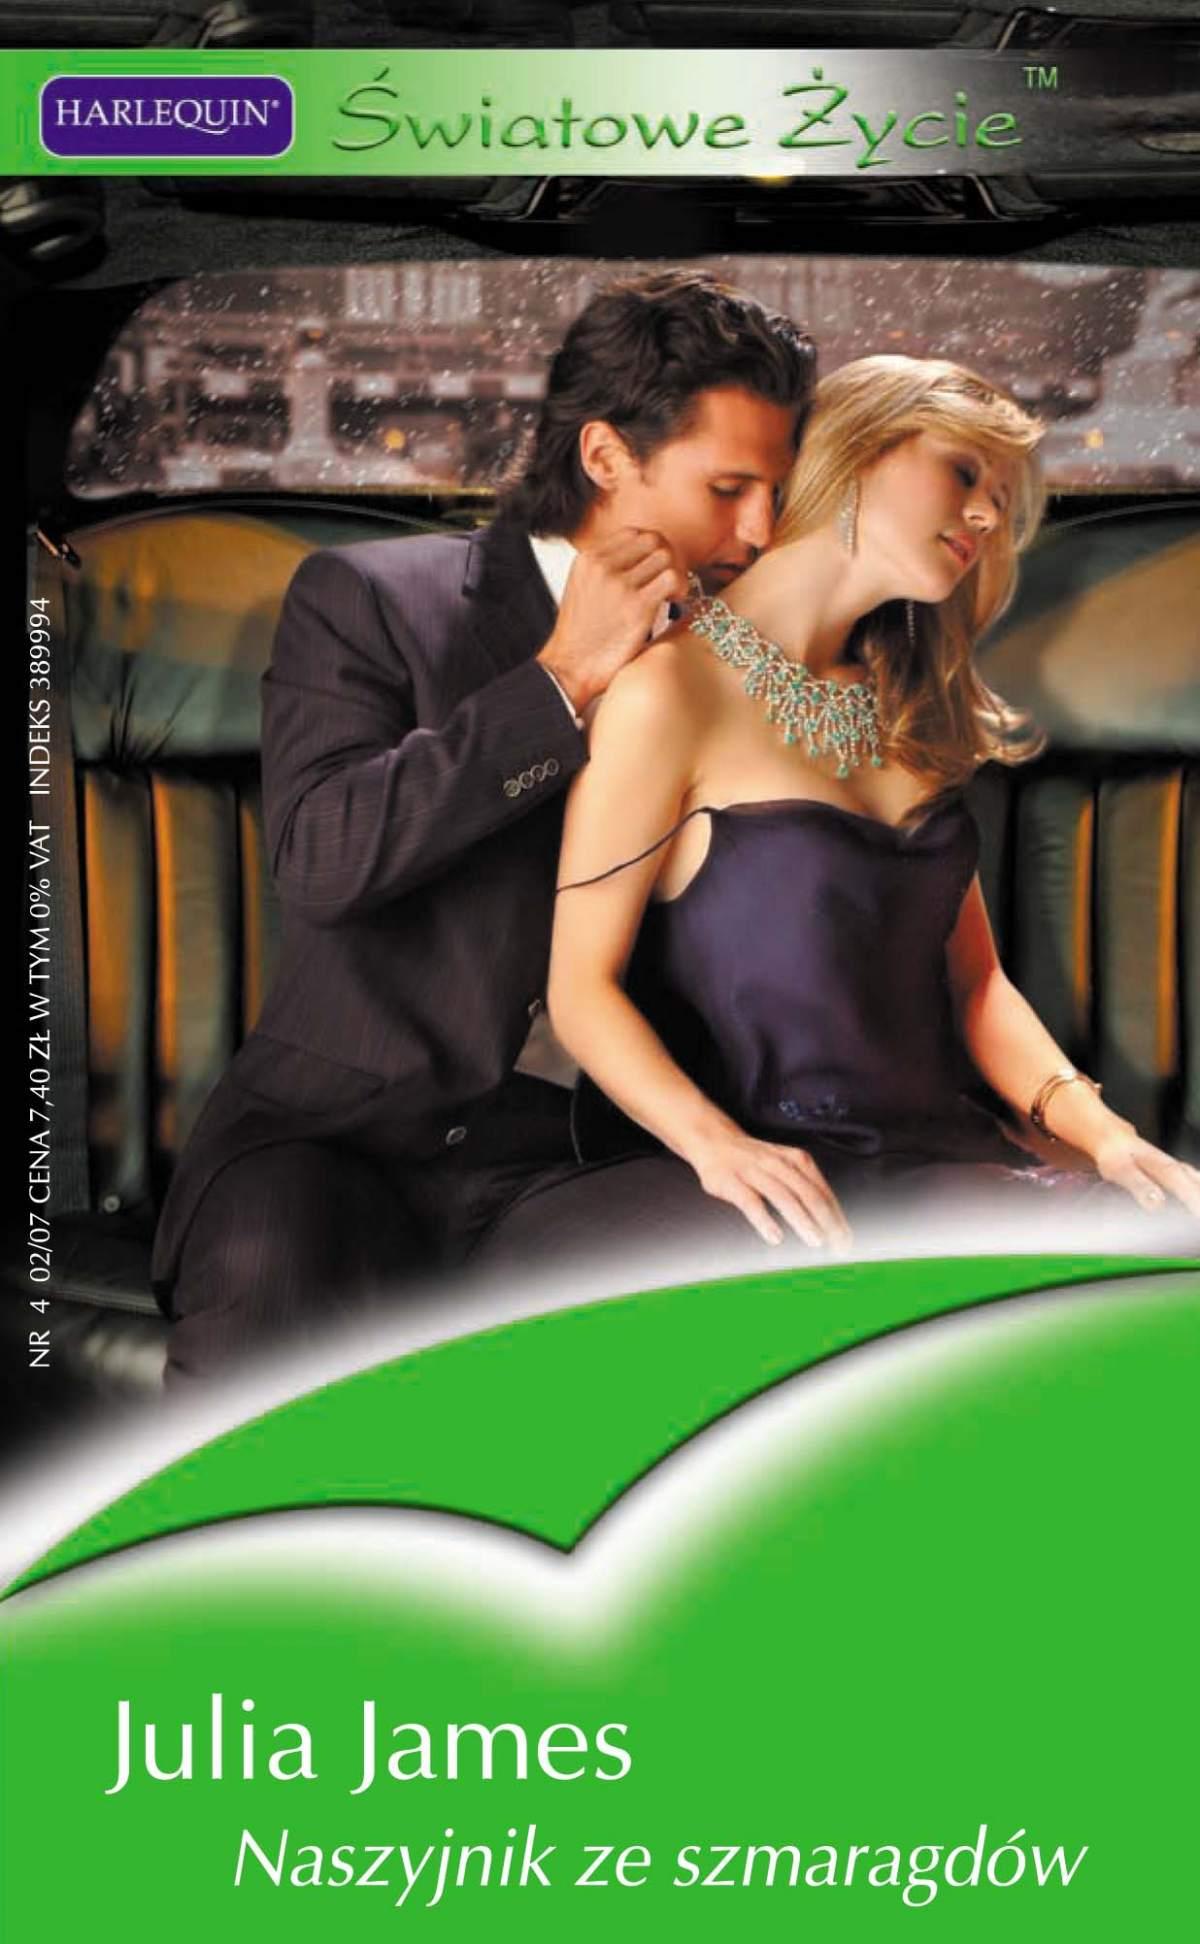 Naszyjnik ze szmaragdów - Ebook (Książka EPUB) do pobrania w formacie EPUB